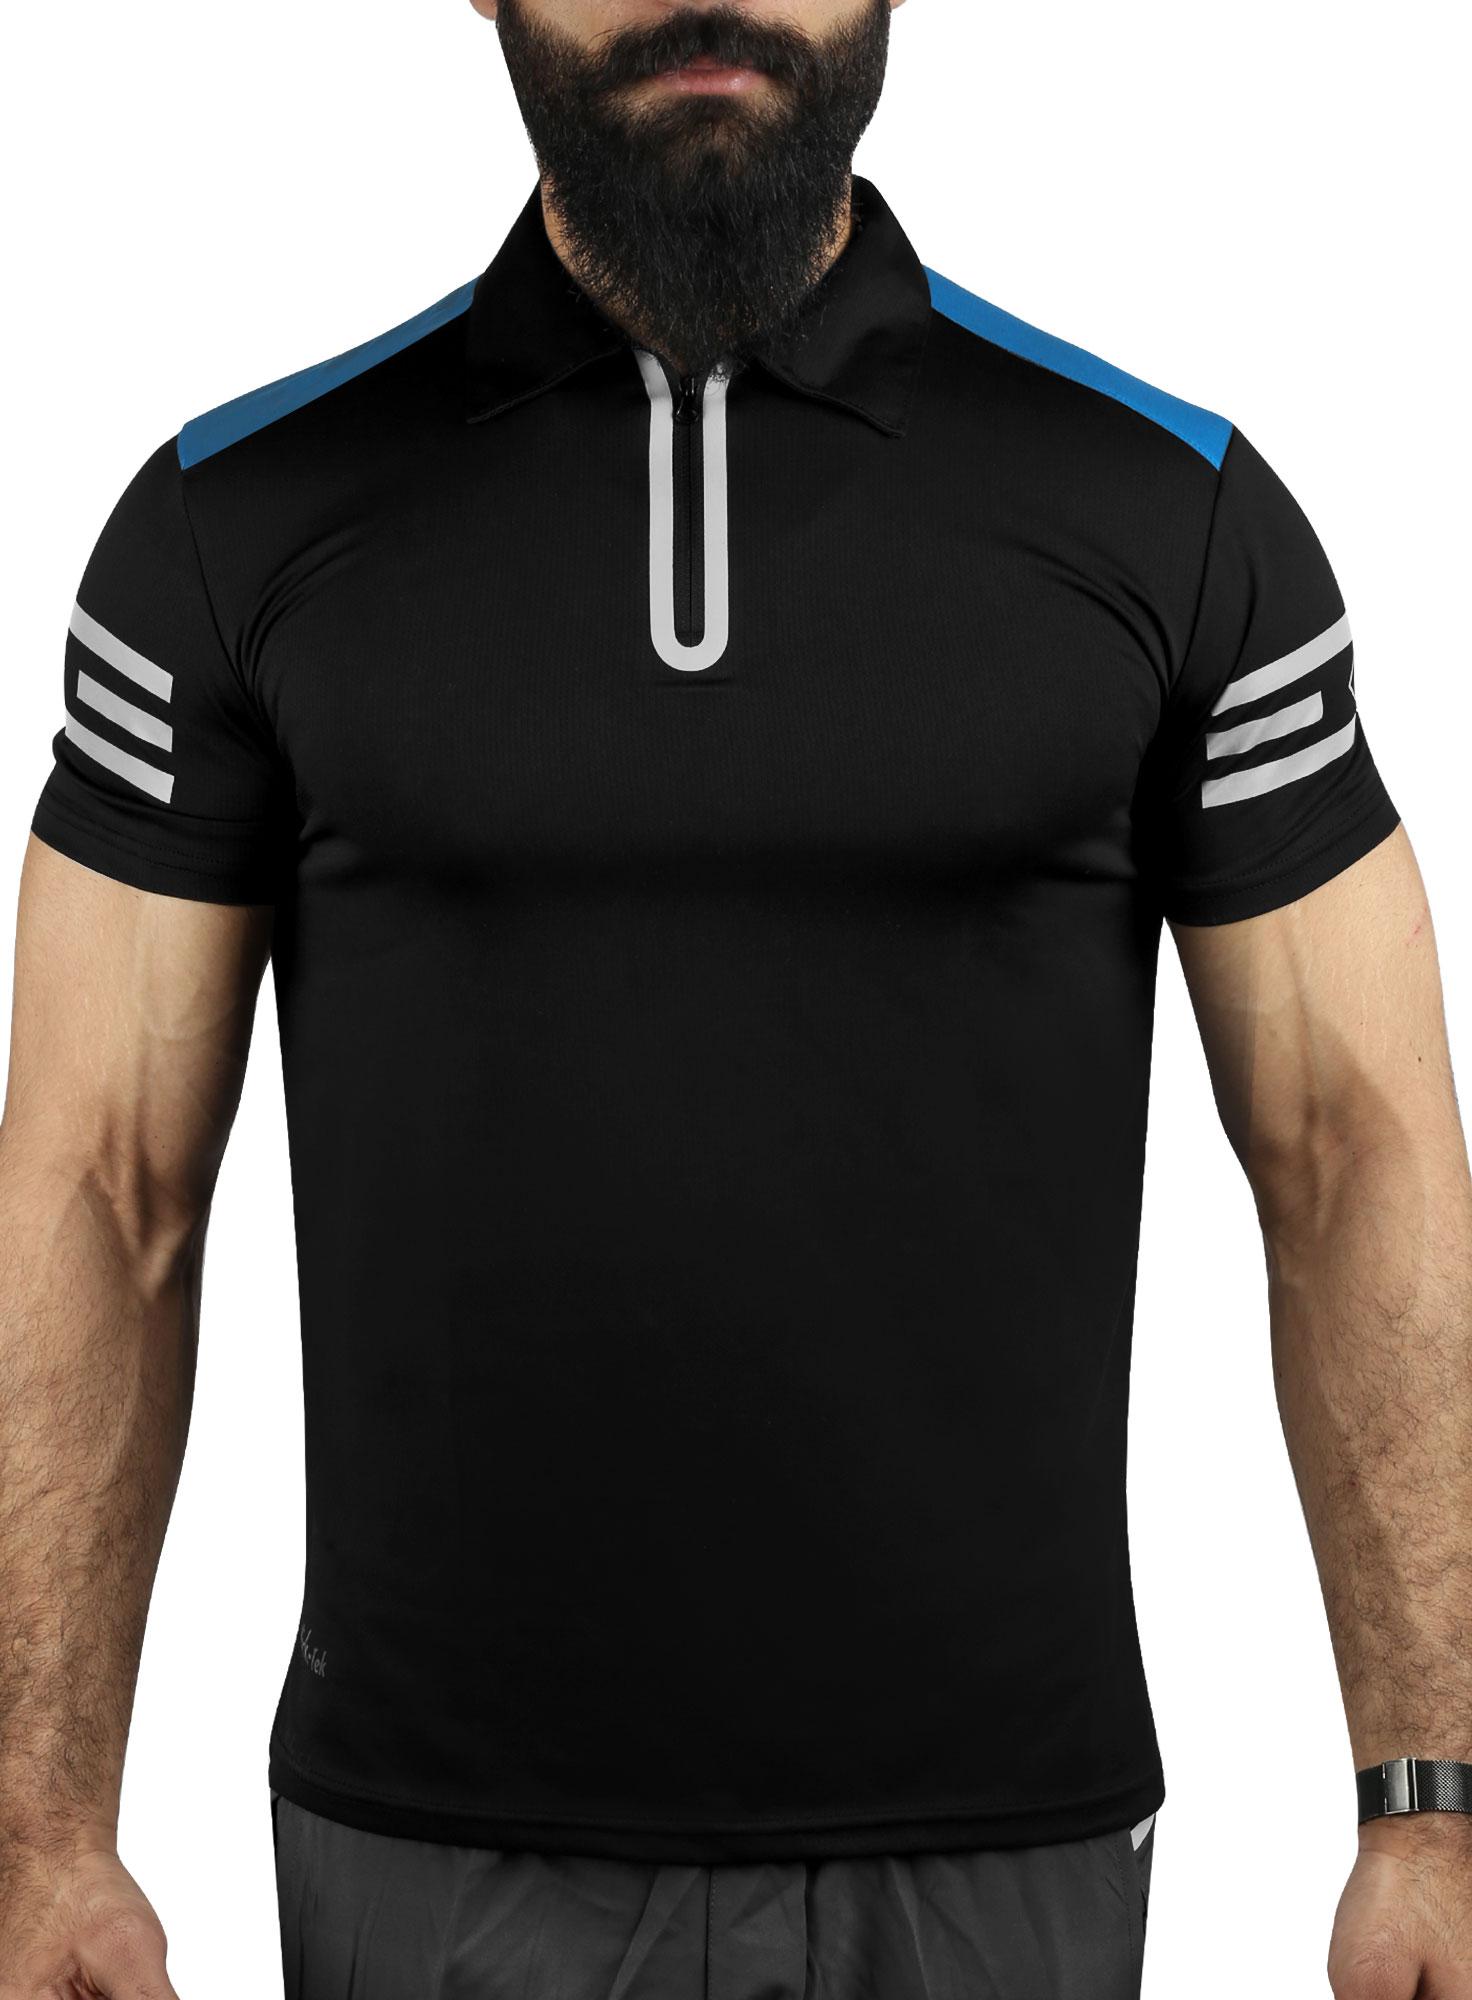 trouser&sportswear